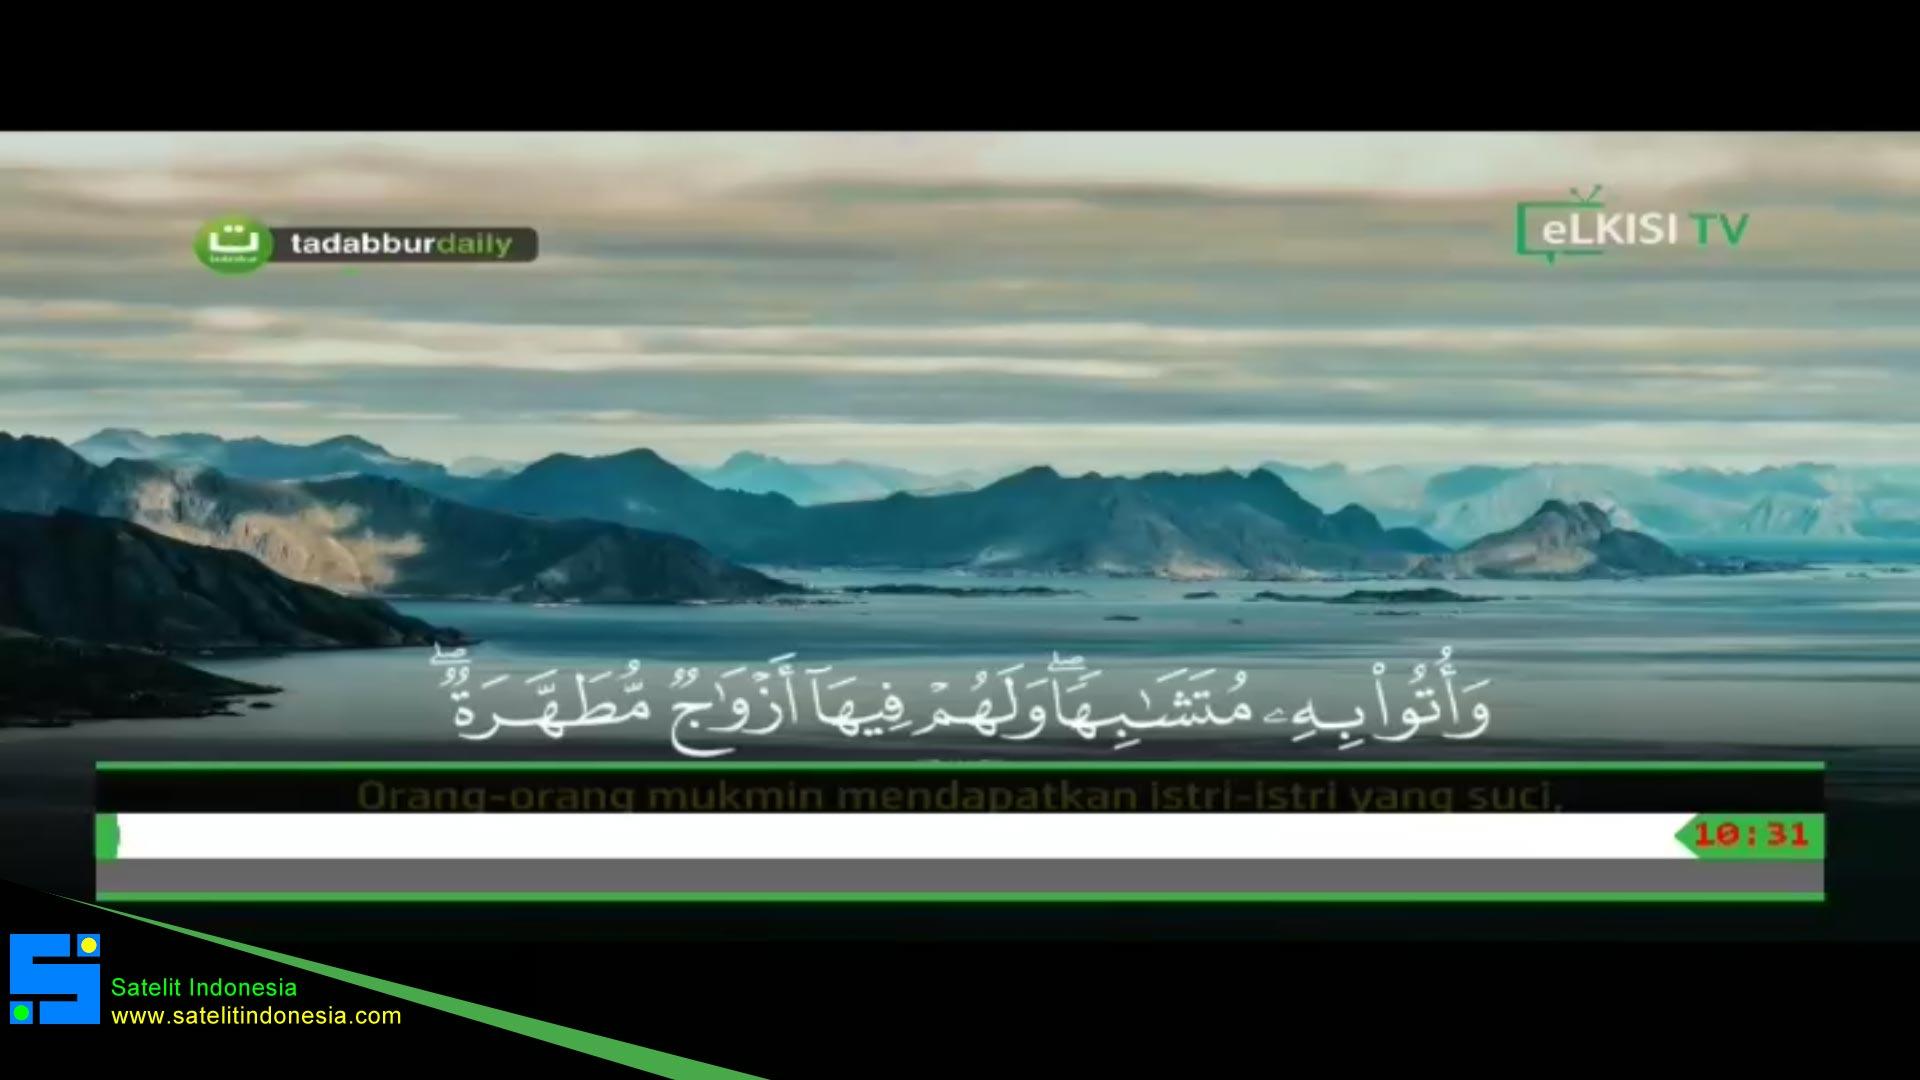 Frekuensi siaran eLKISI TV di satelit Palapa D Terbaru